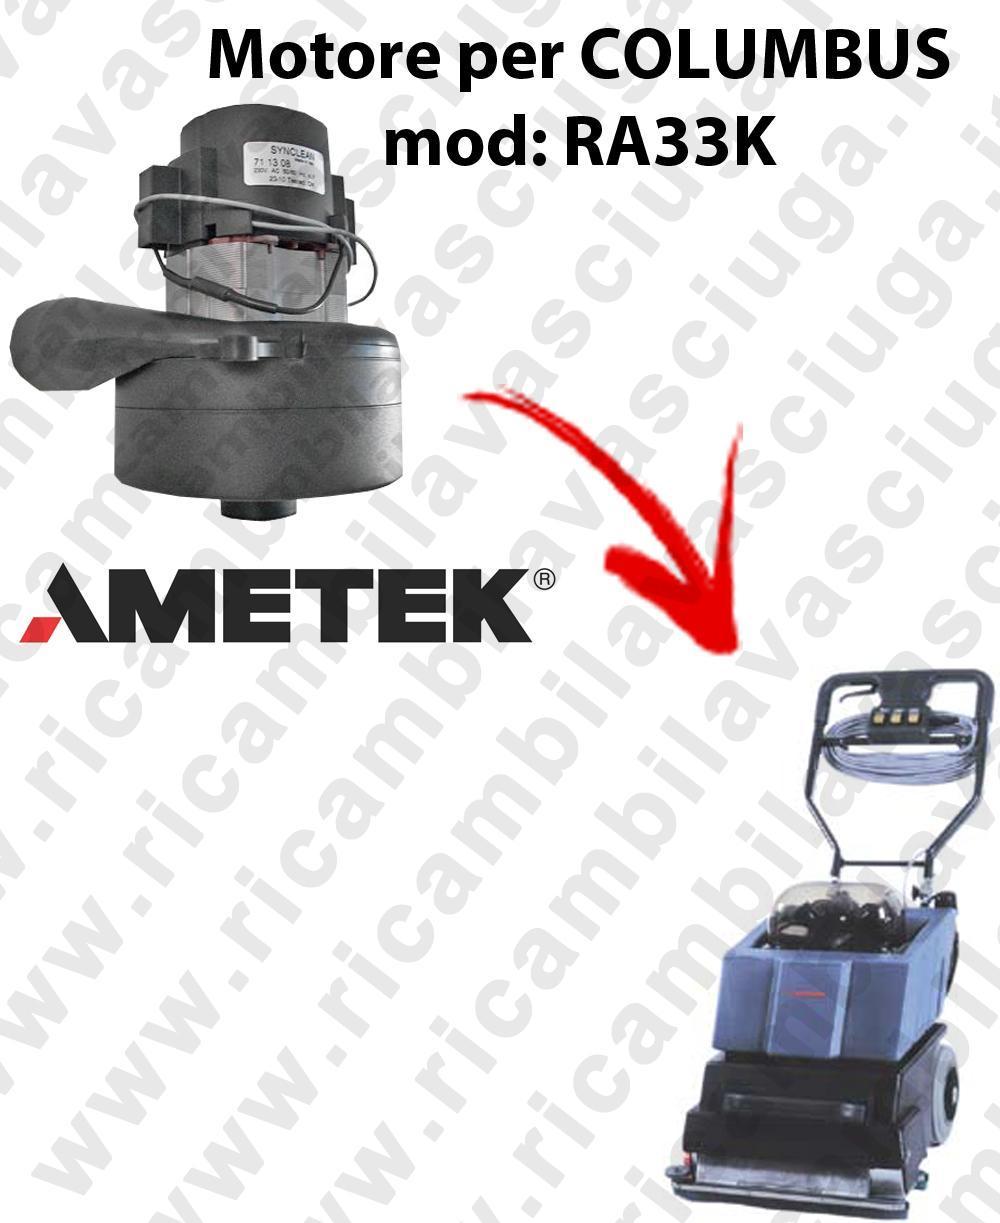 RA33K Saugmotor AMETEK für scheuersaugmaschinen COLUMBUS